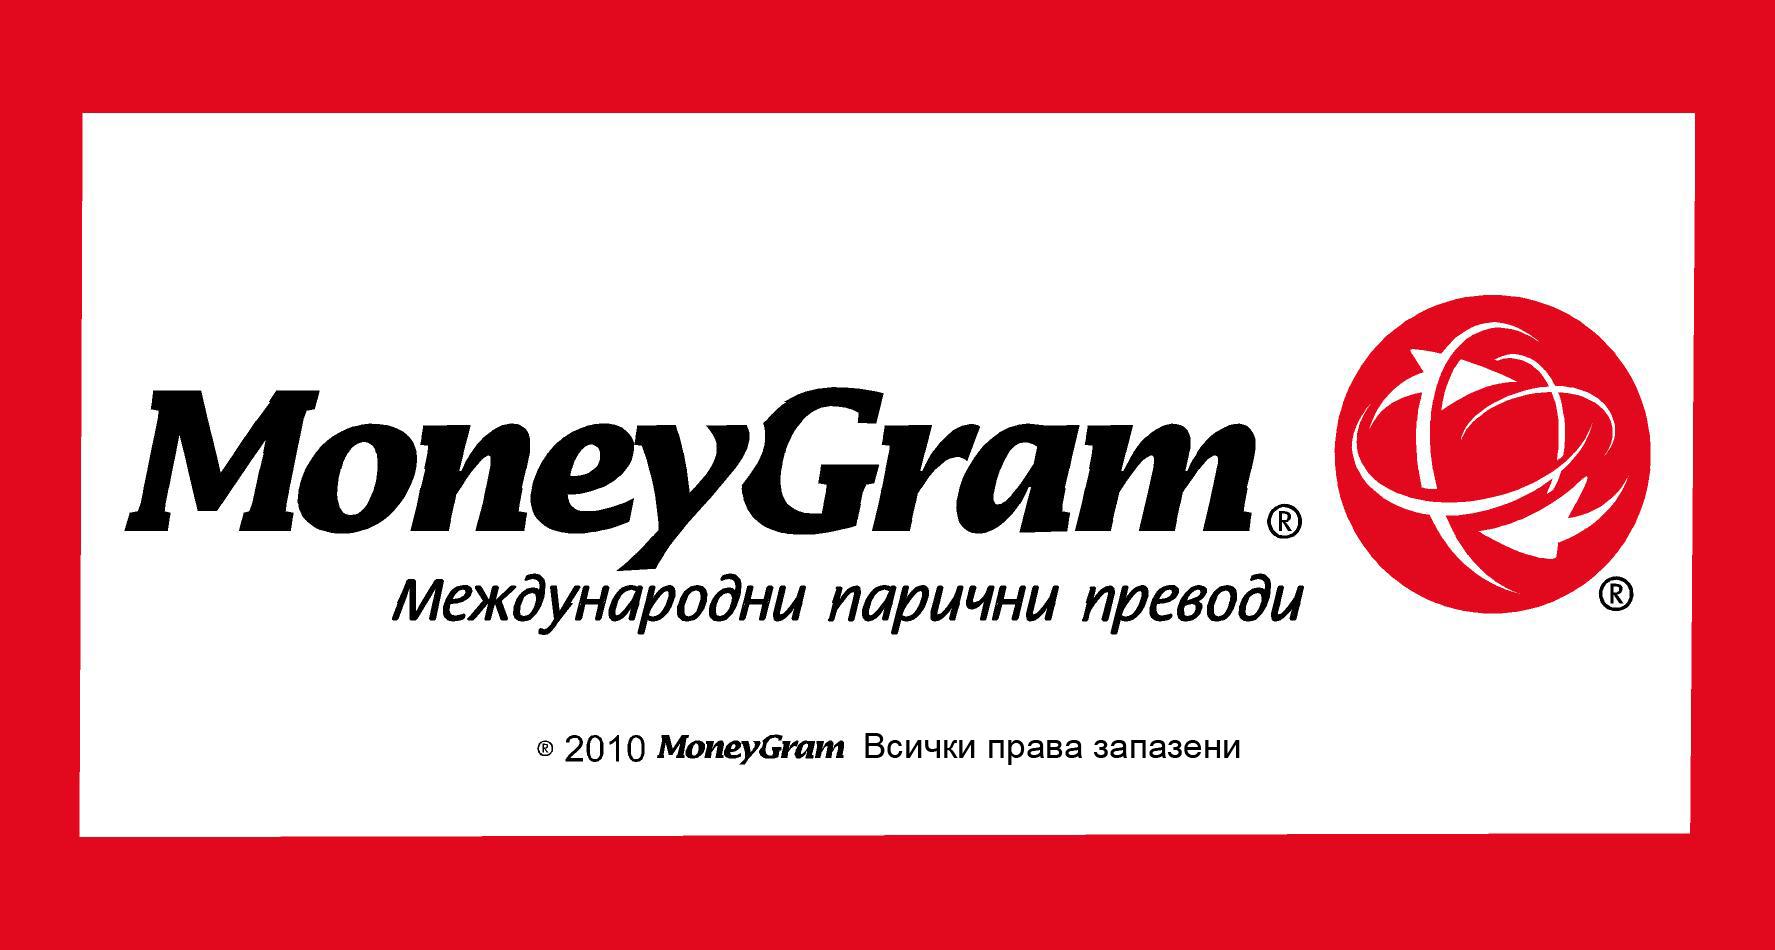 Събитие/ MoneyGram